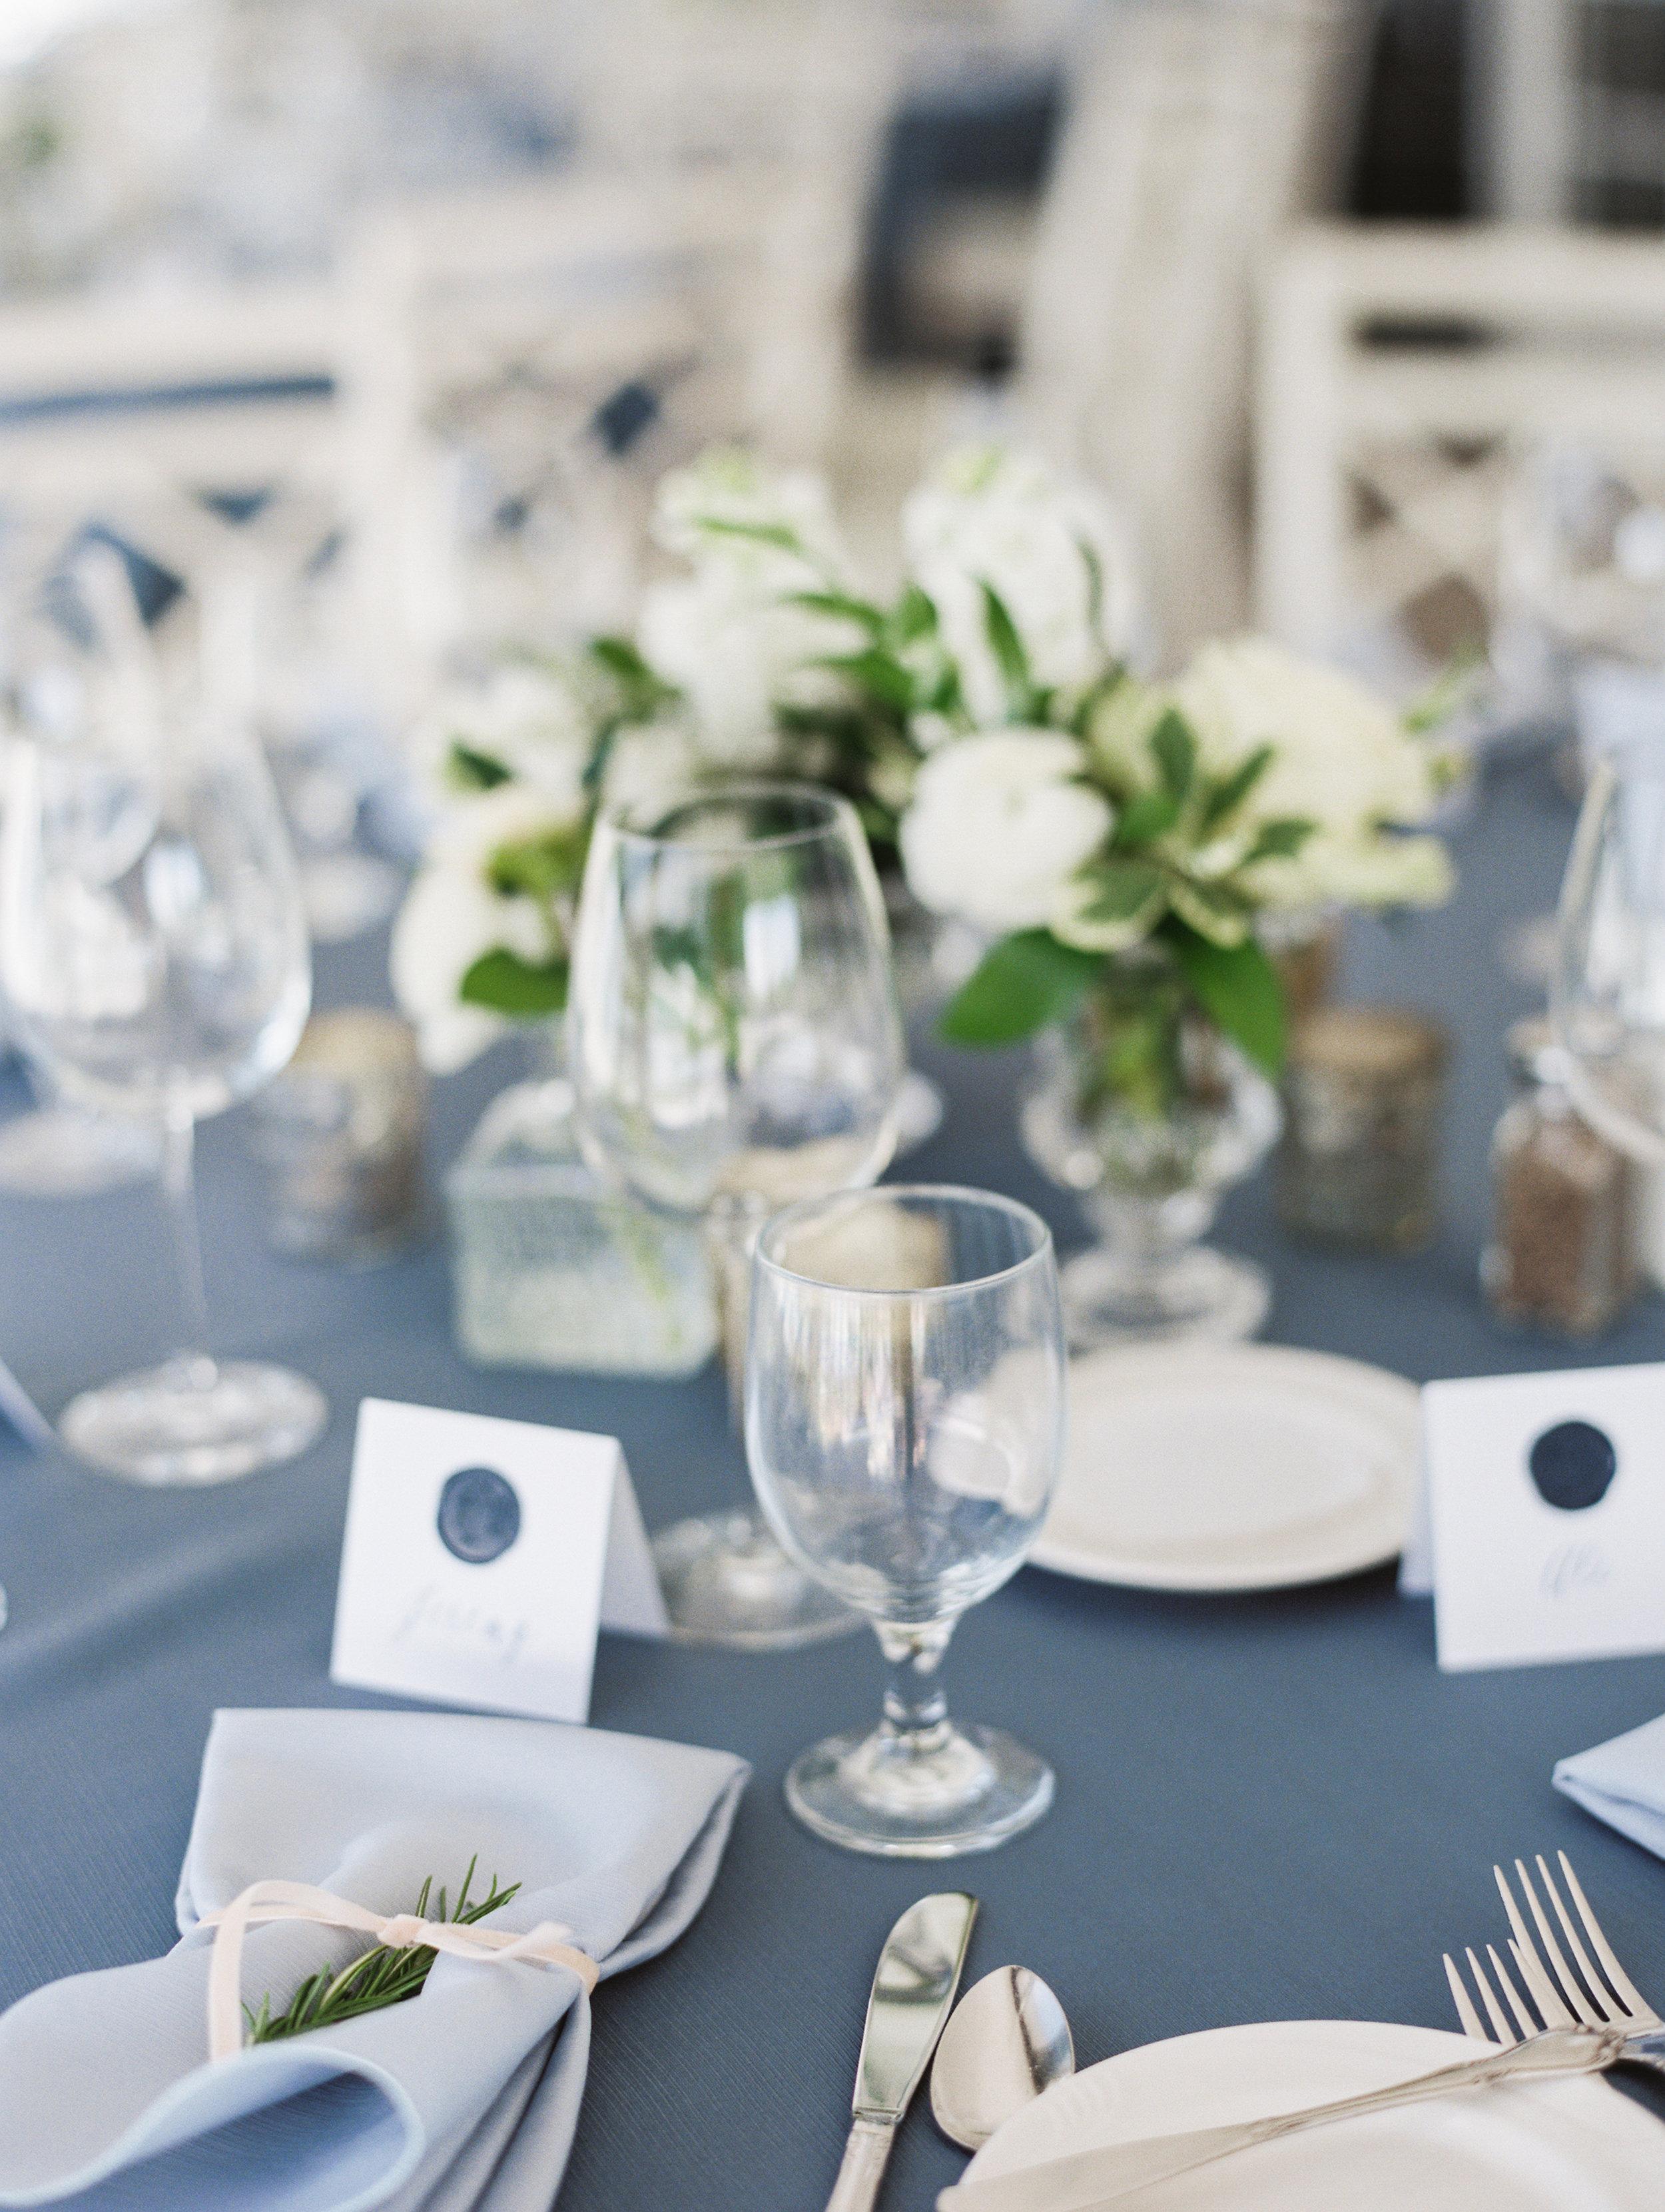 DeGuilio+Wedding+Reception+Detailsf-7.jpg